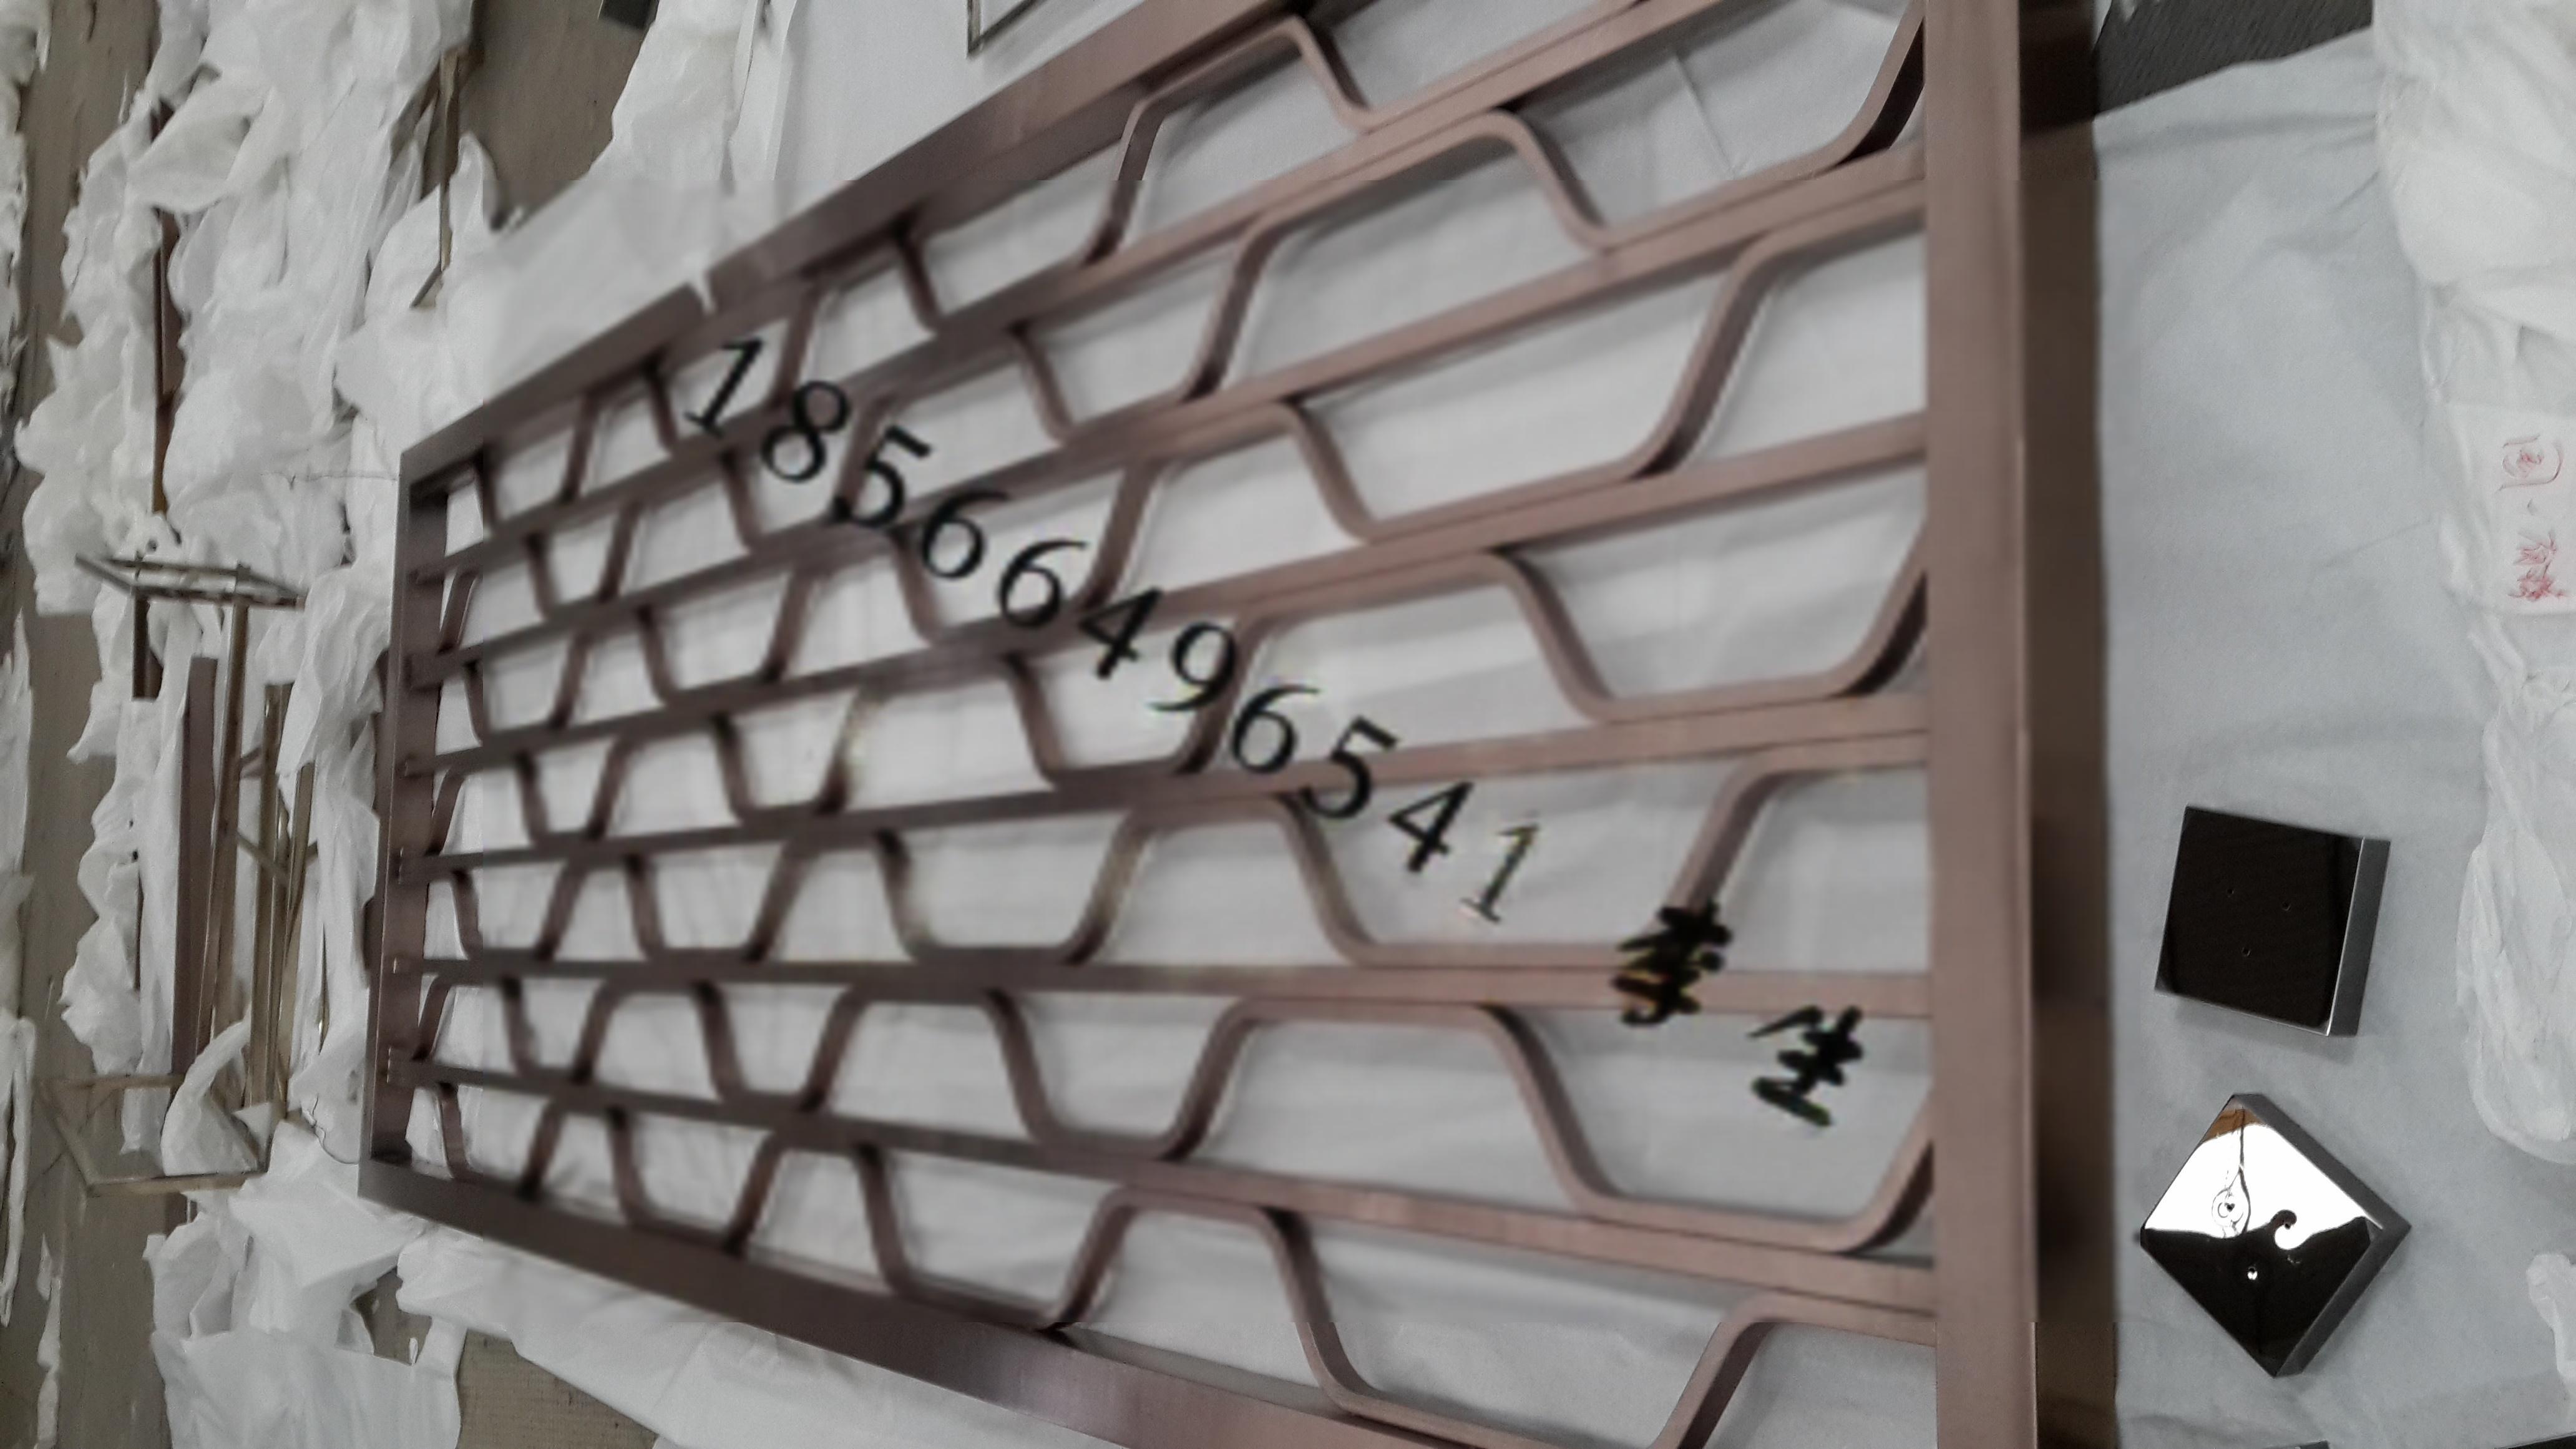 不鏽鋼花格可以單獨製作,也可以連通整個產品以其製作,如屏風,隔斷,欄杆,窗戶,門套,拱門,裝飾擺件,燈罩等。金屬本身獨有的光澤,加上鍍以紅古銅,青古銅,玫瑰金,黑鈦,寶藍,鬆綠等各種絢麗的色彩,呈現出五彩繽紛的裝飾效果。不鏽鋼屏風生產廠家定做,可來圖來樣設計加工生產不鏽鋼屏風。佛山市壹嘉壹不鏽鋼有限公司是佛山市最早的一家專業生產不鏽鋼屏風的生產廠家,主要產品有不鏽鋼酒櫃,不鏽鋼酒架,不鏽鋼玻璃大門,不鏽鋼門套,不鏽鋼茶几,不鏽鋼信報箱等不鏽鋼製品,另外承接各類不鏽鋼製品工程,酒店不鏽鋼裝飾工程。不鏽鋼玫瑰